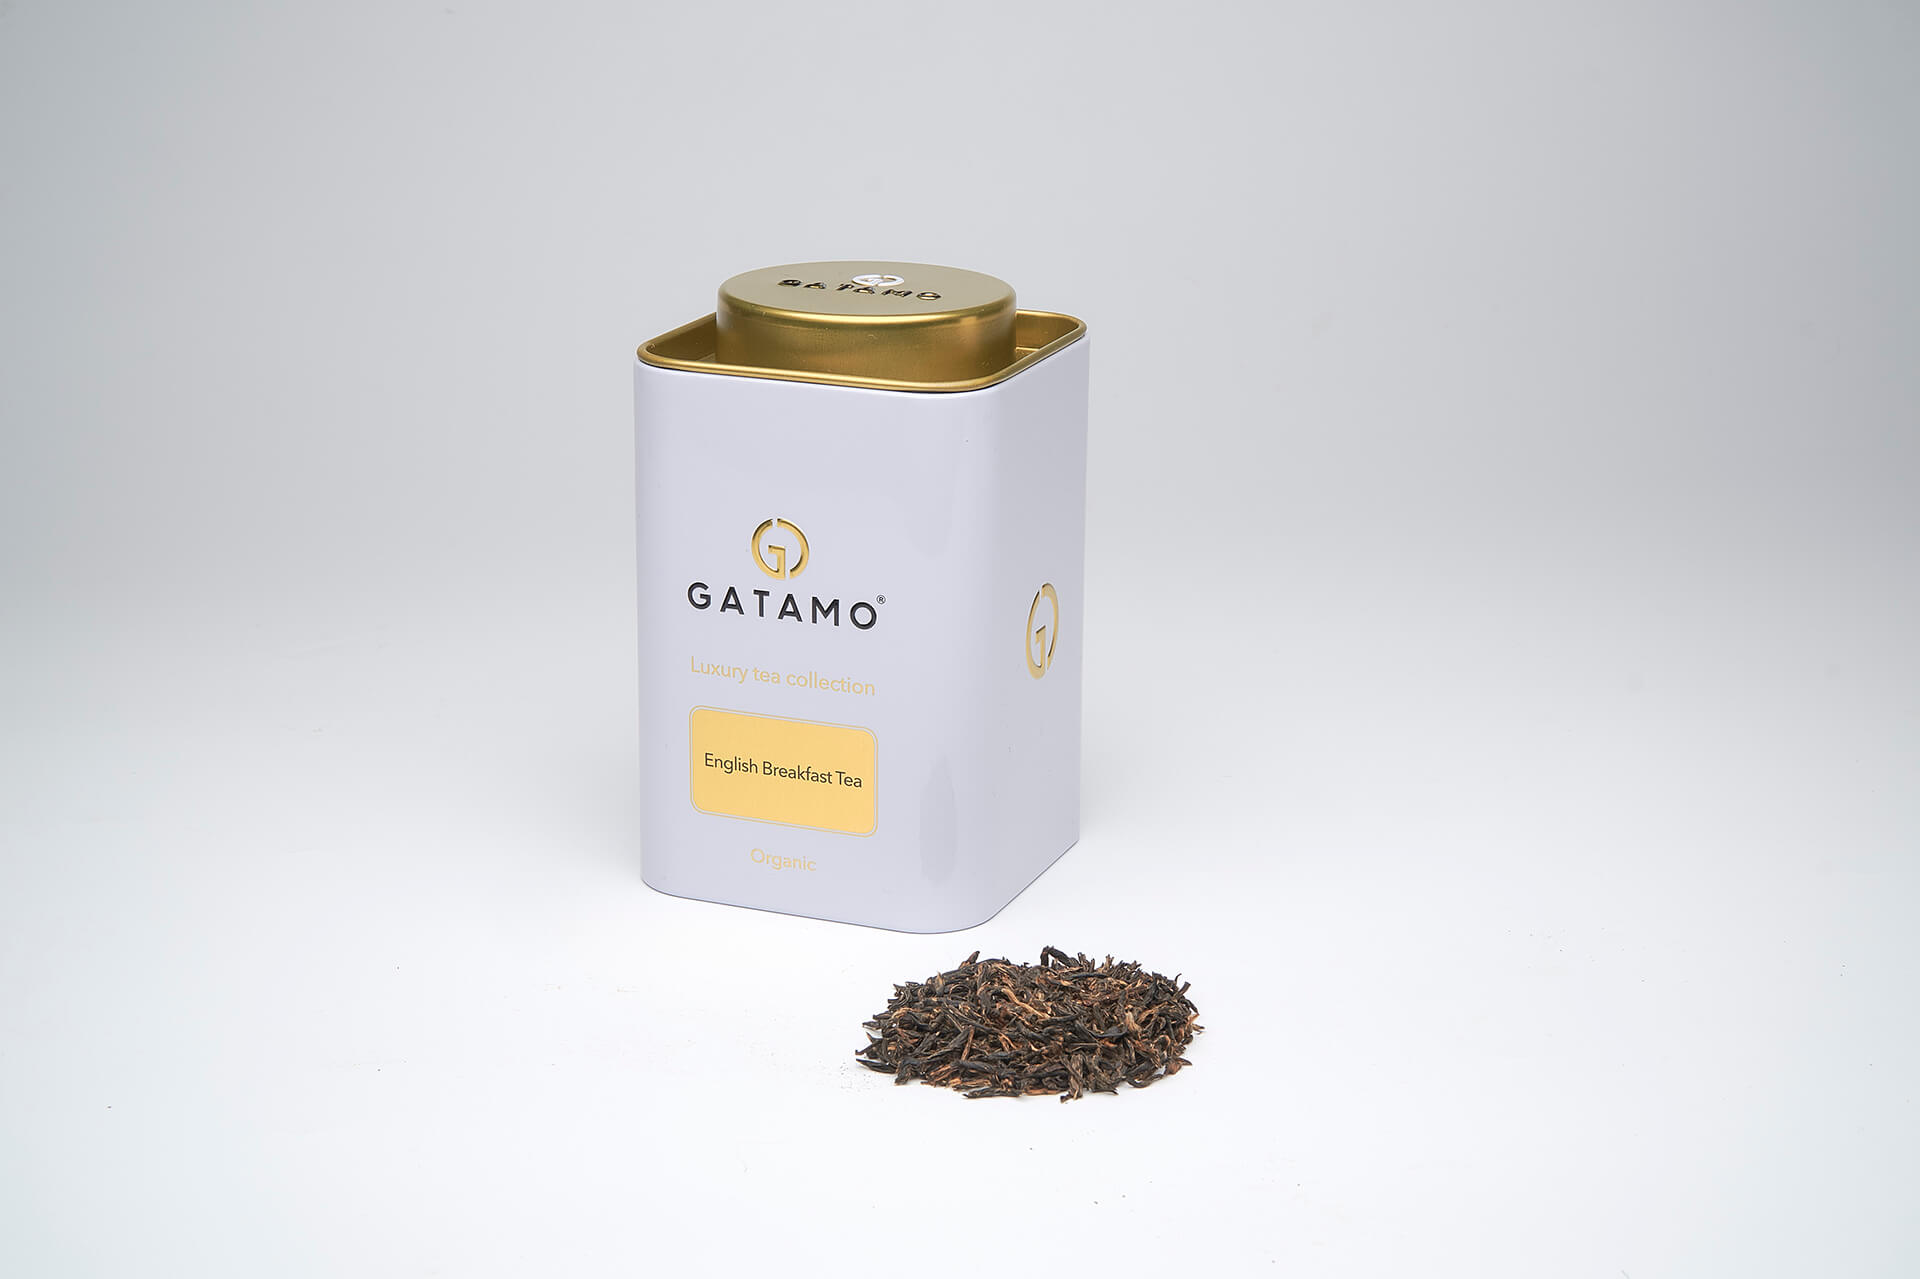 tea loose leaf